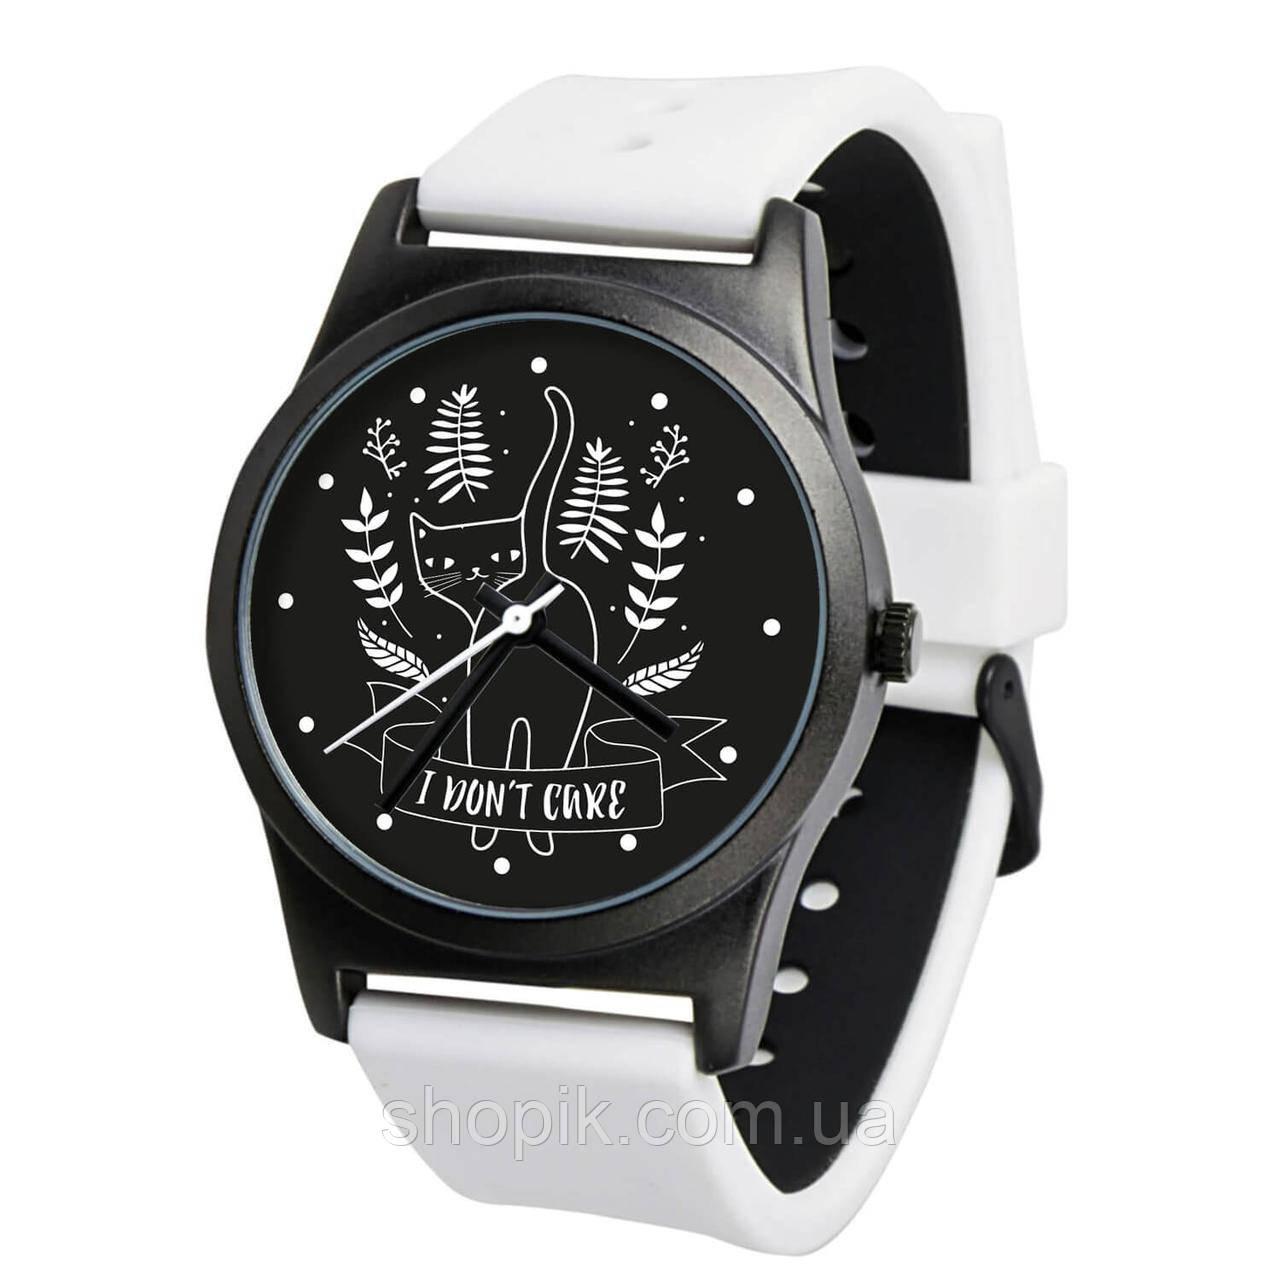 Часы ZIZ I dont care + доп. ремешок + подарочная коробка SHOPIK